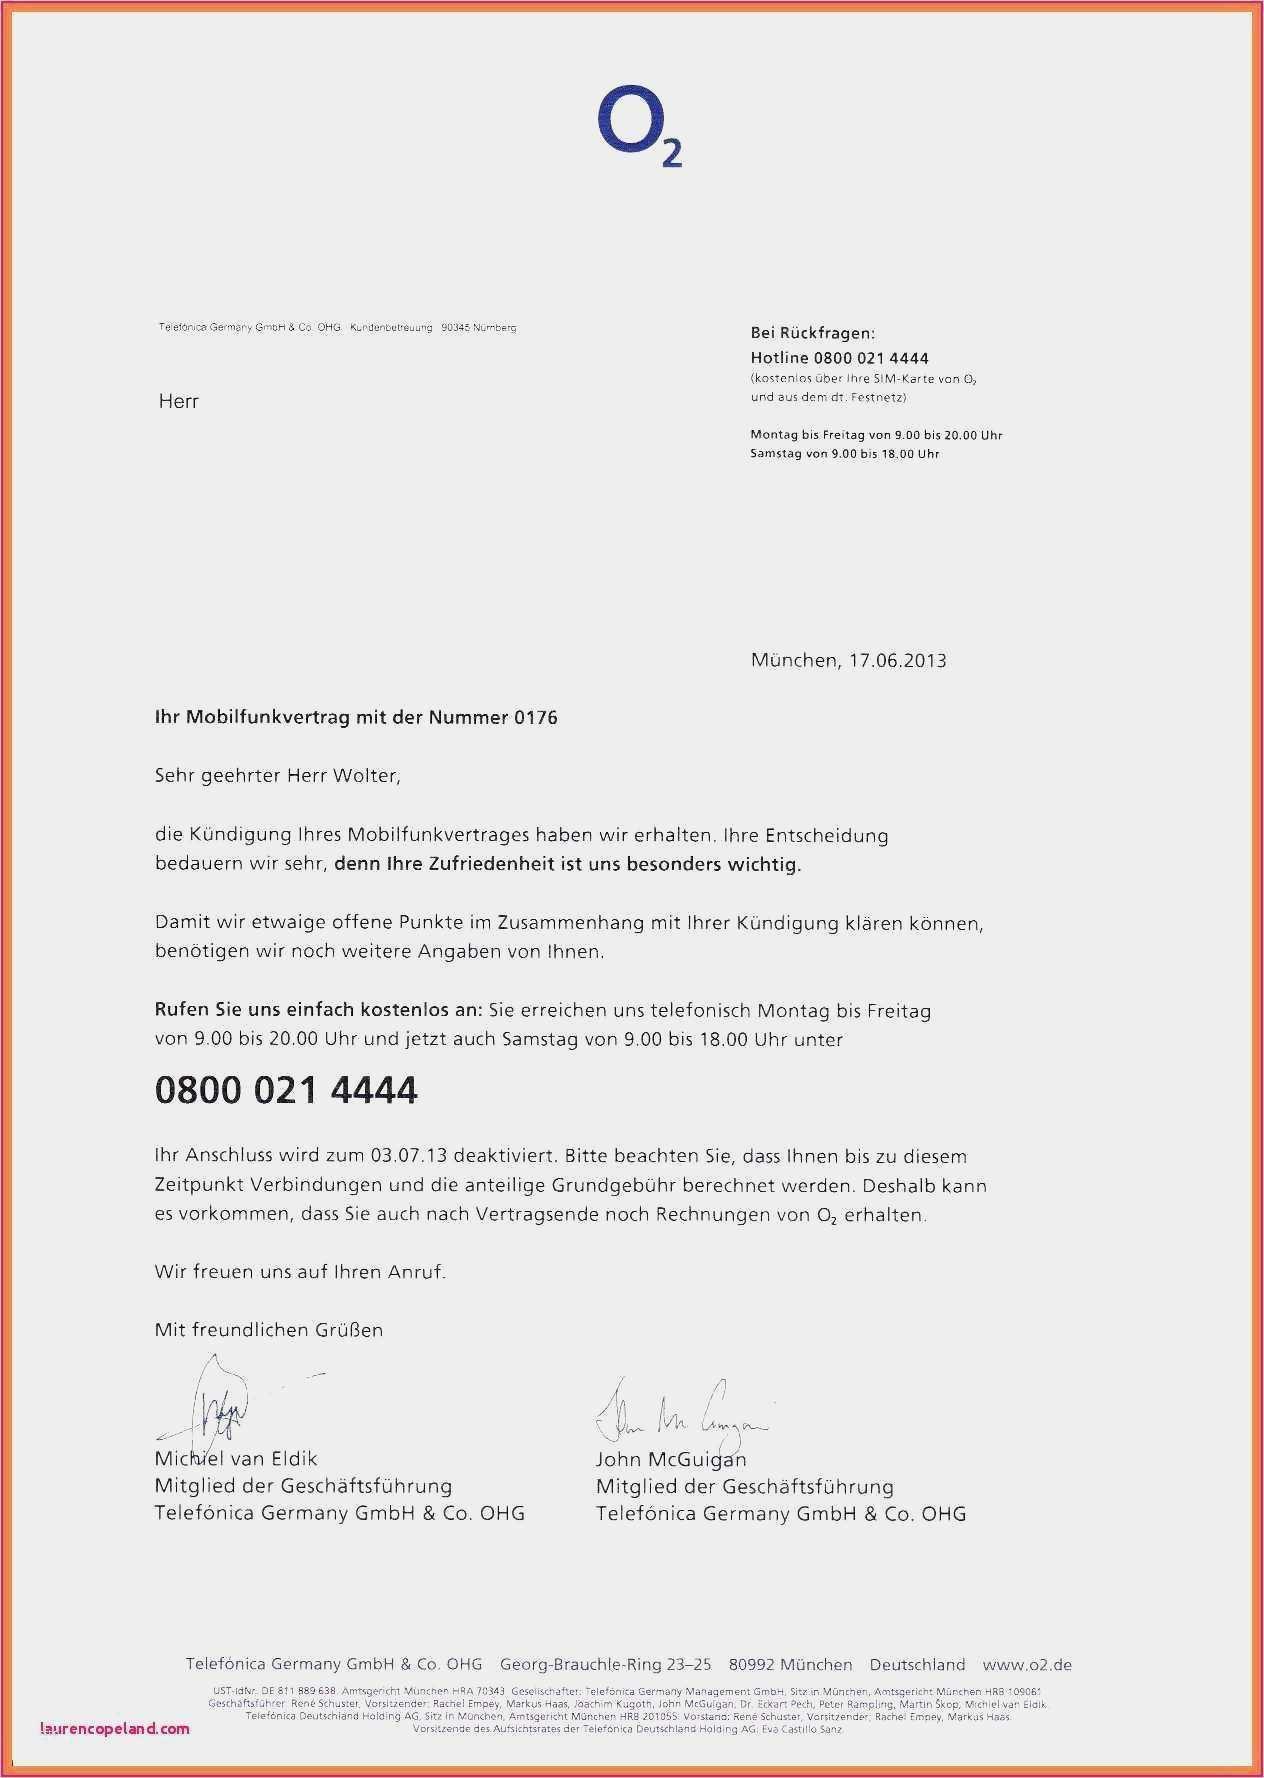 39 Grossartig Vorlage Kundigung 1und1 Bilder Vorlagen Word Vorlagen Handyvertrag